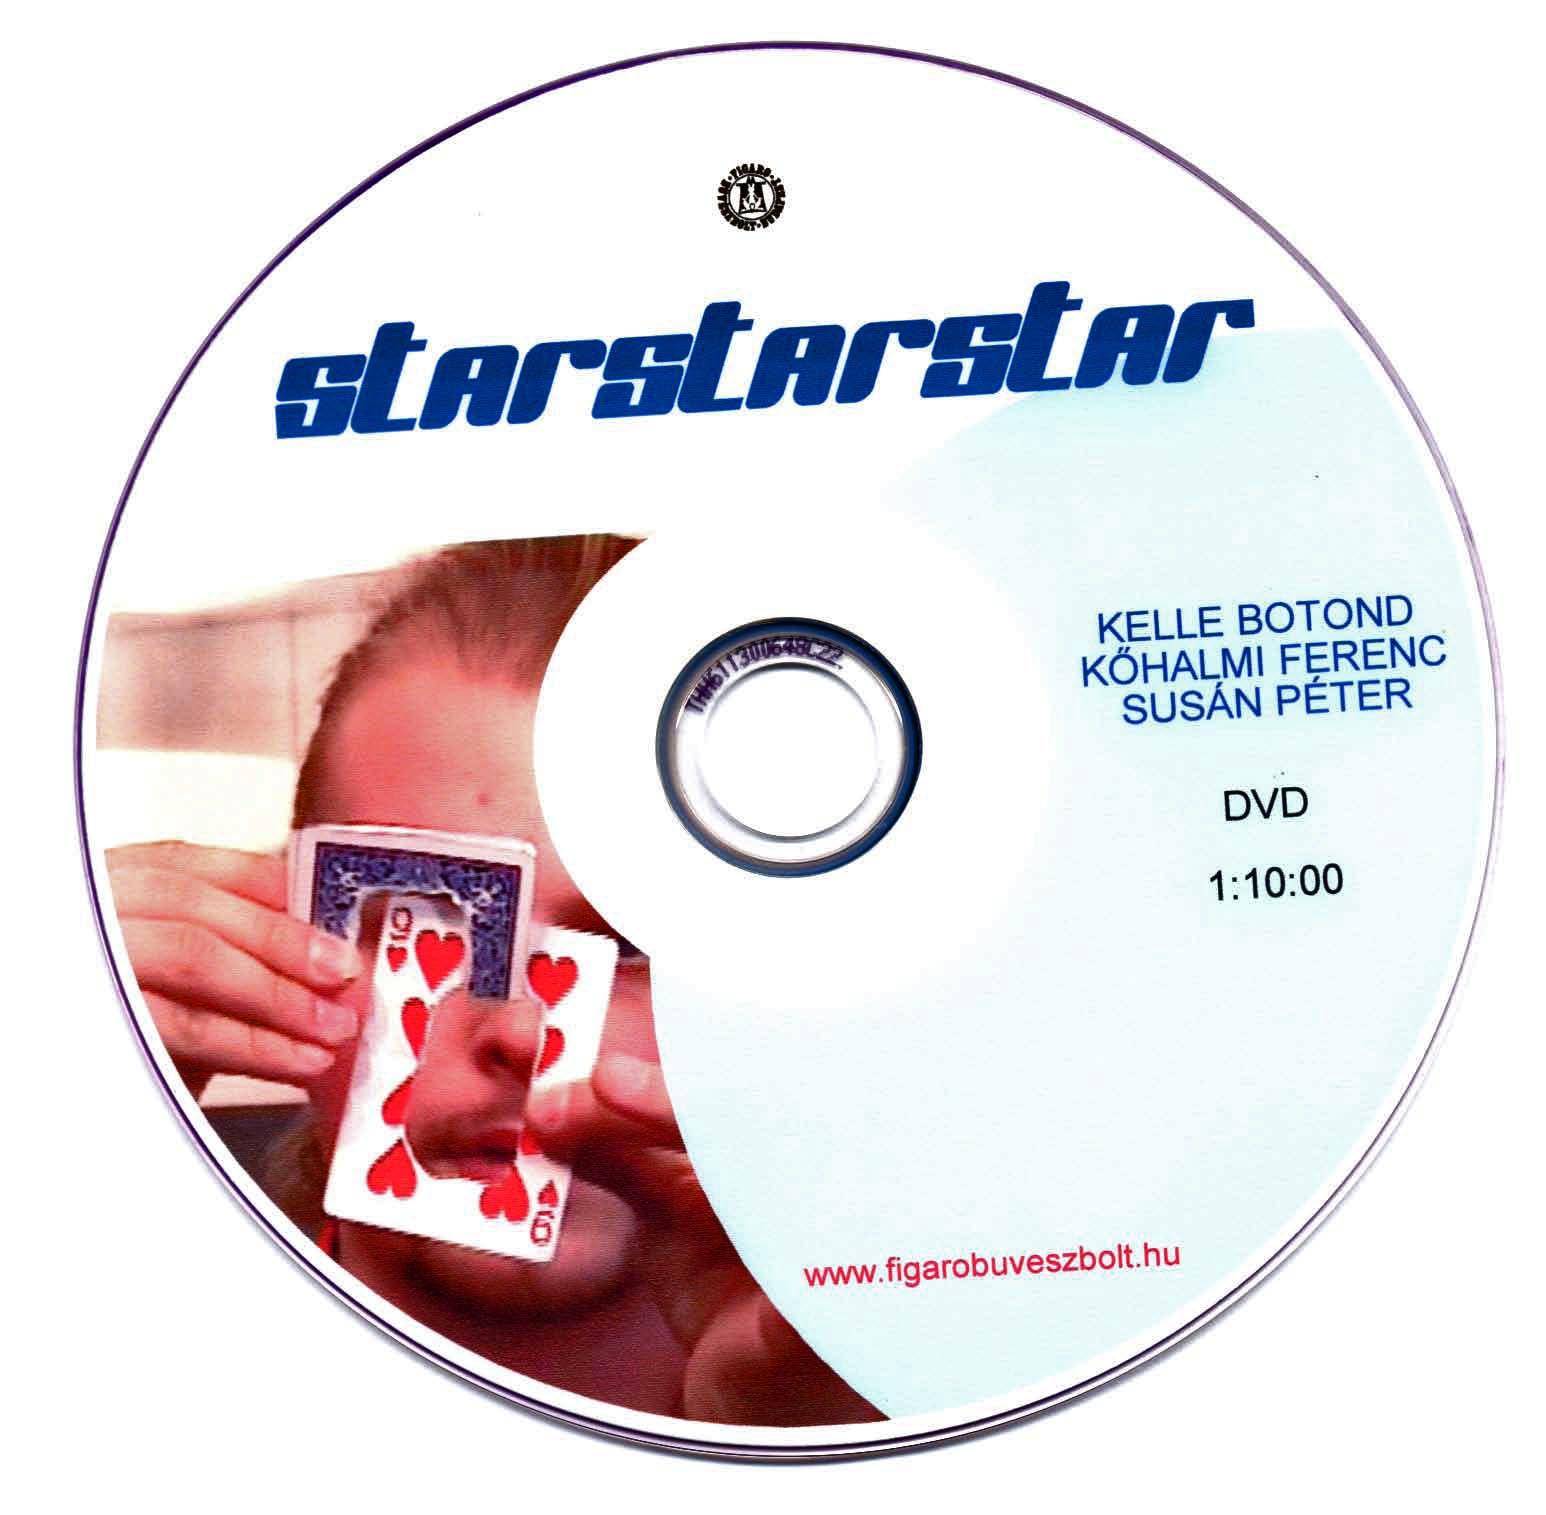 Kártyatrükkök sorozat 3. rész: Starstarstar DVD